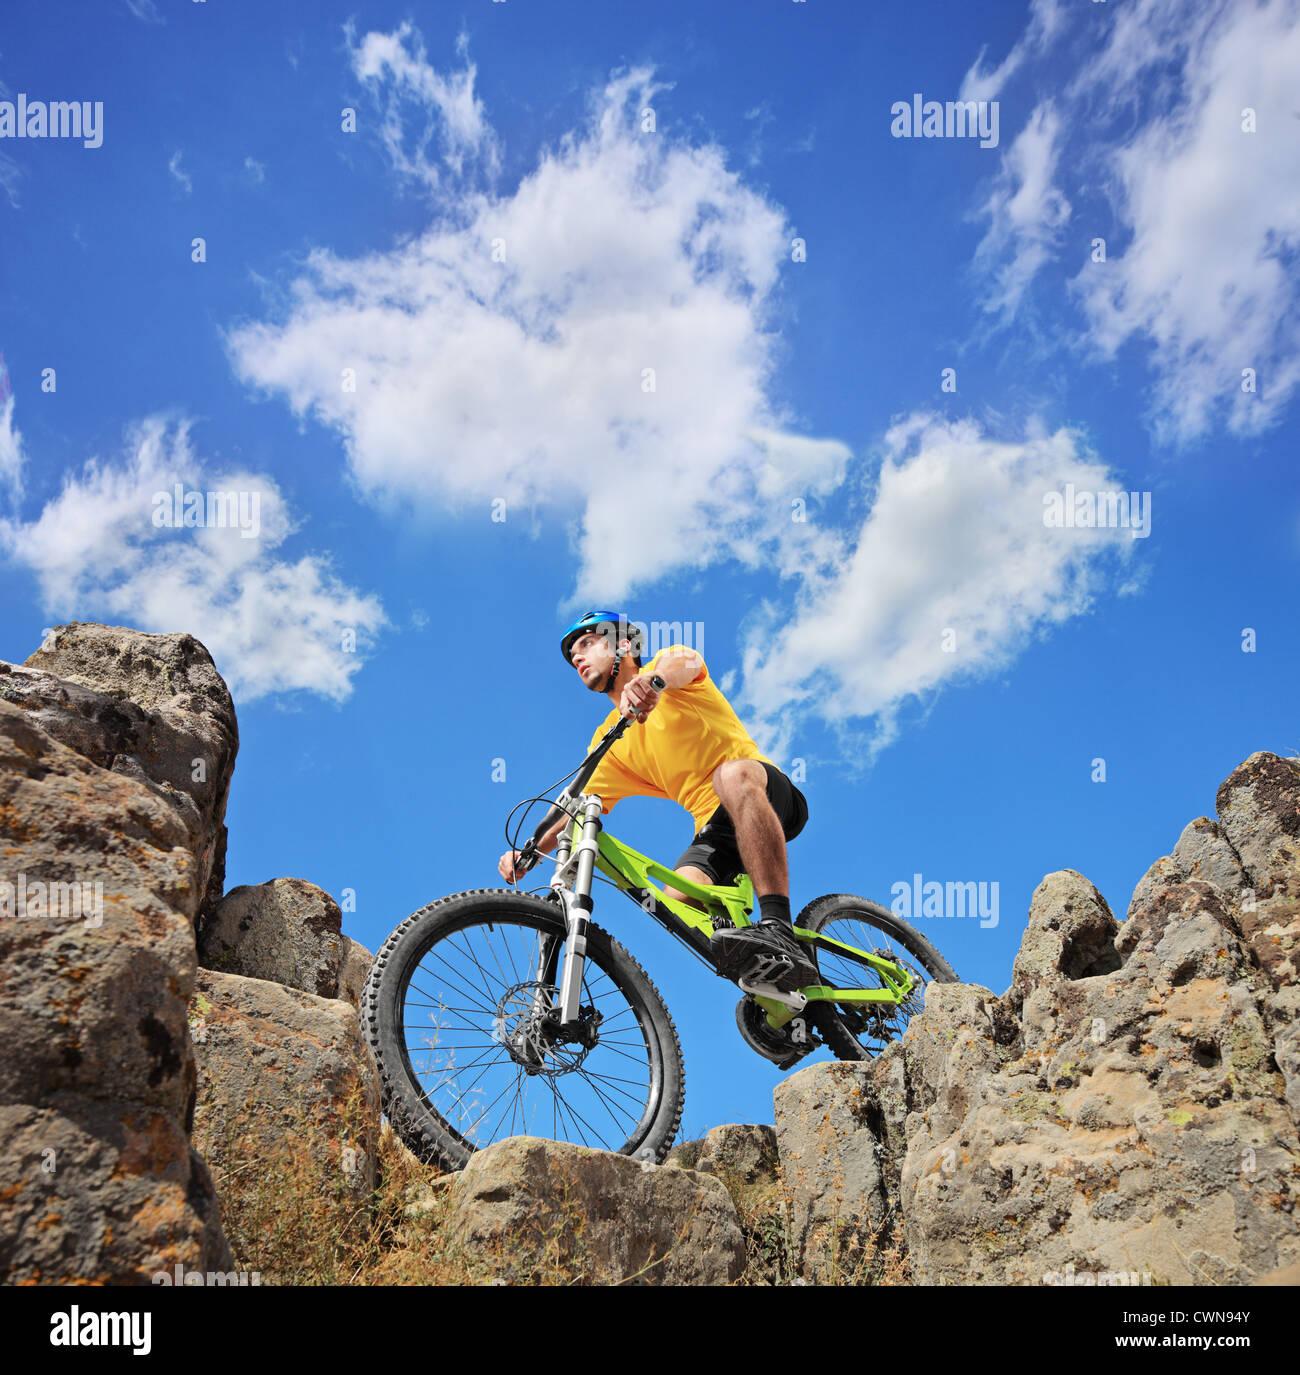 Una persona montando una bicicleta de montaña en un día soleado, bajo ángulo de visión Imagen De Stock